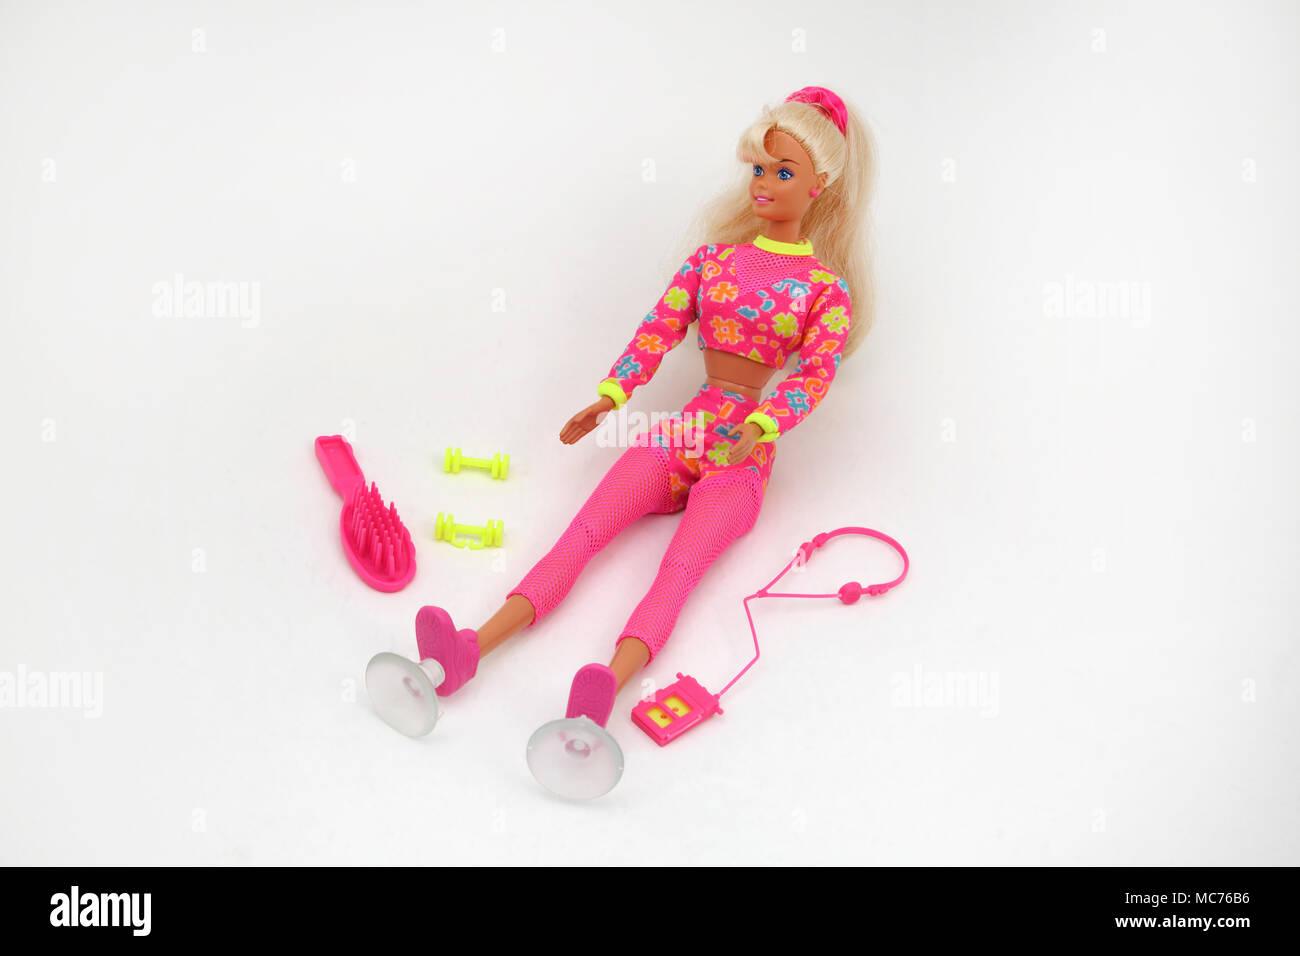 1996 Worki'n Out Barbie mit Walkman, stummen Glocken und Bürste Stockbild